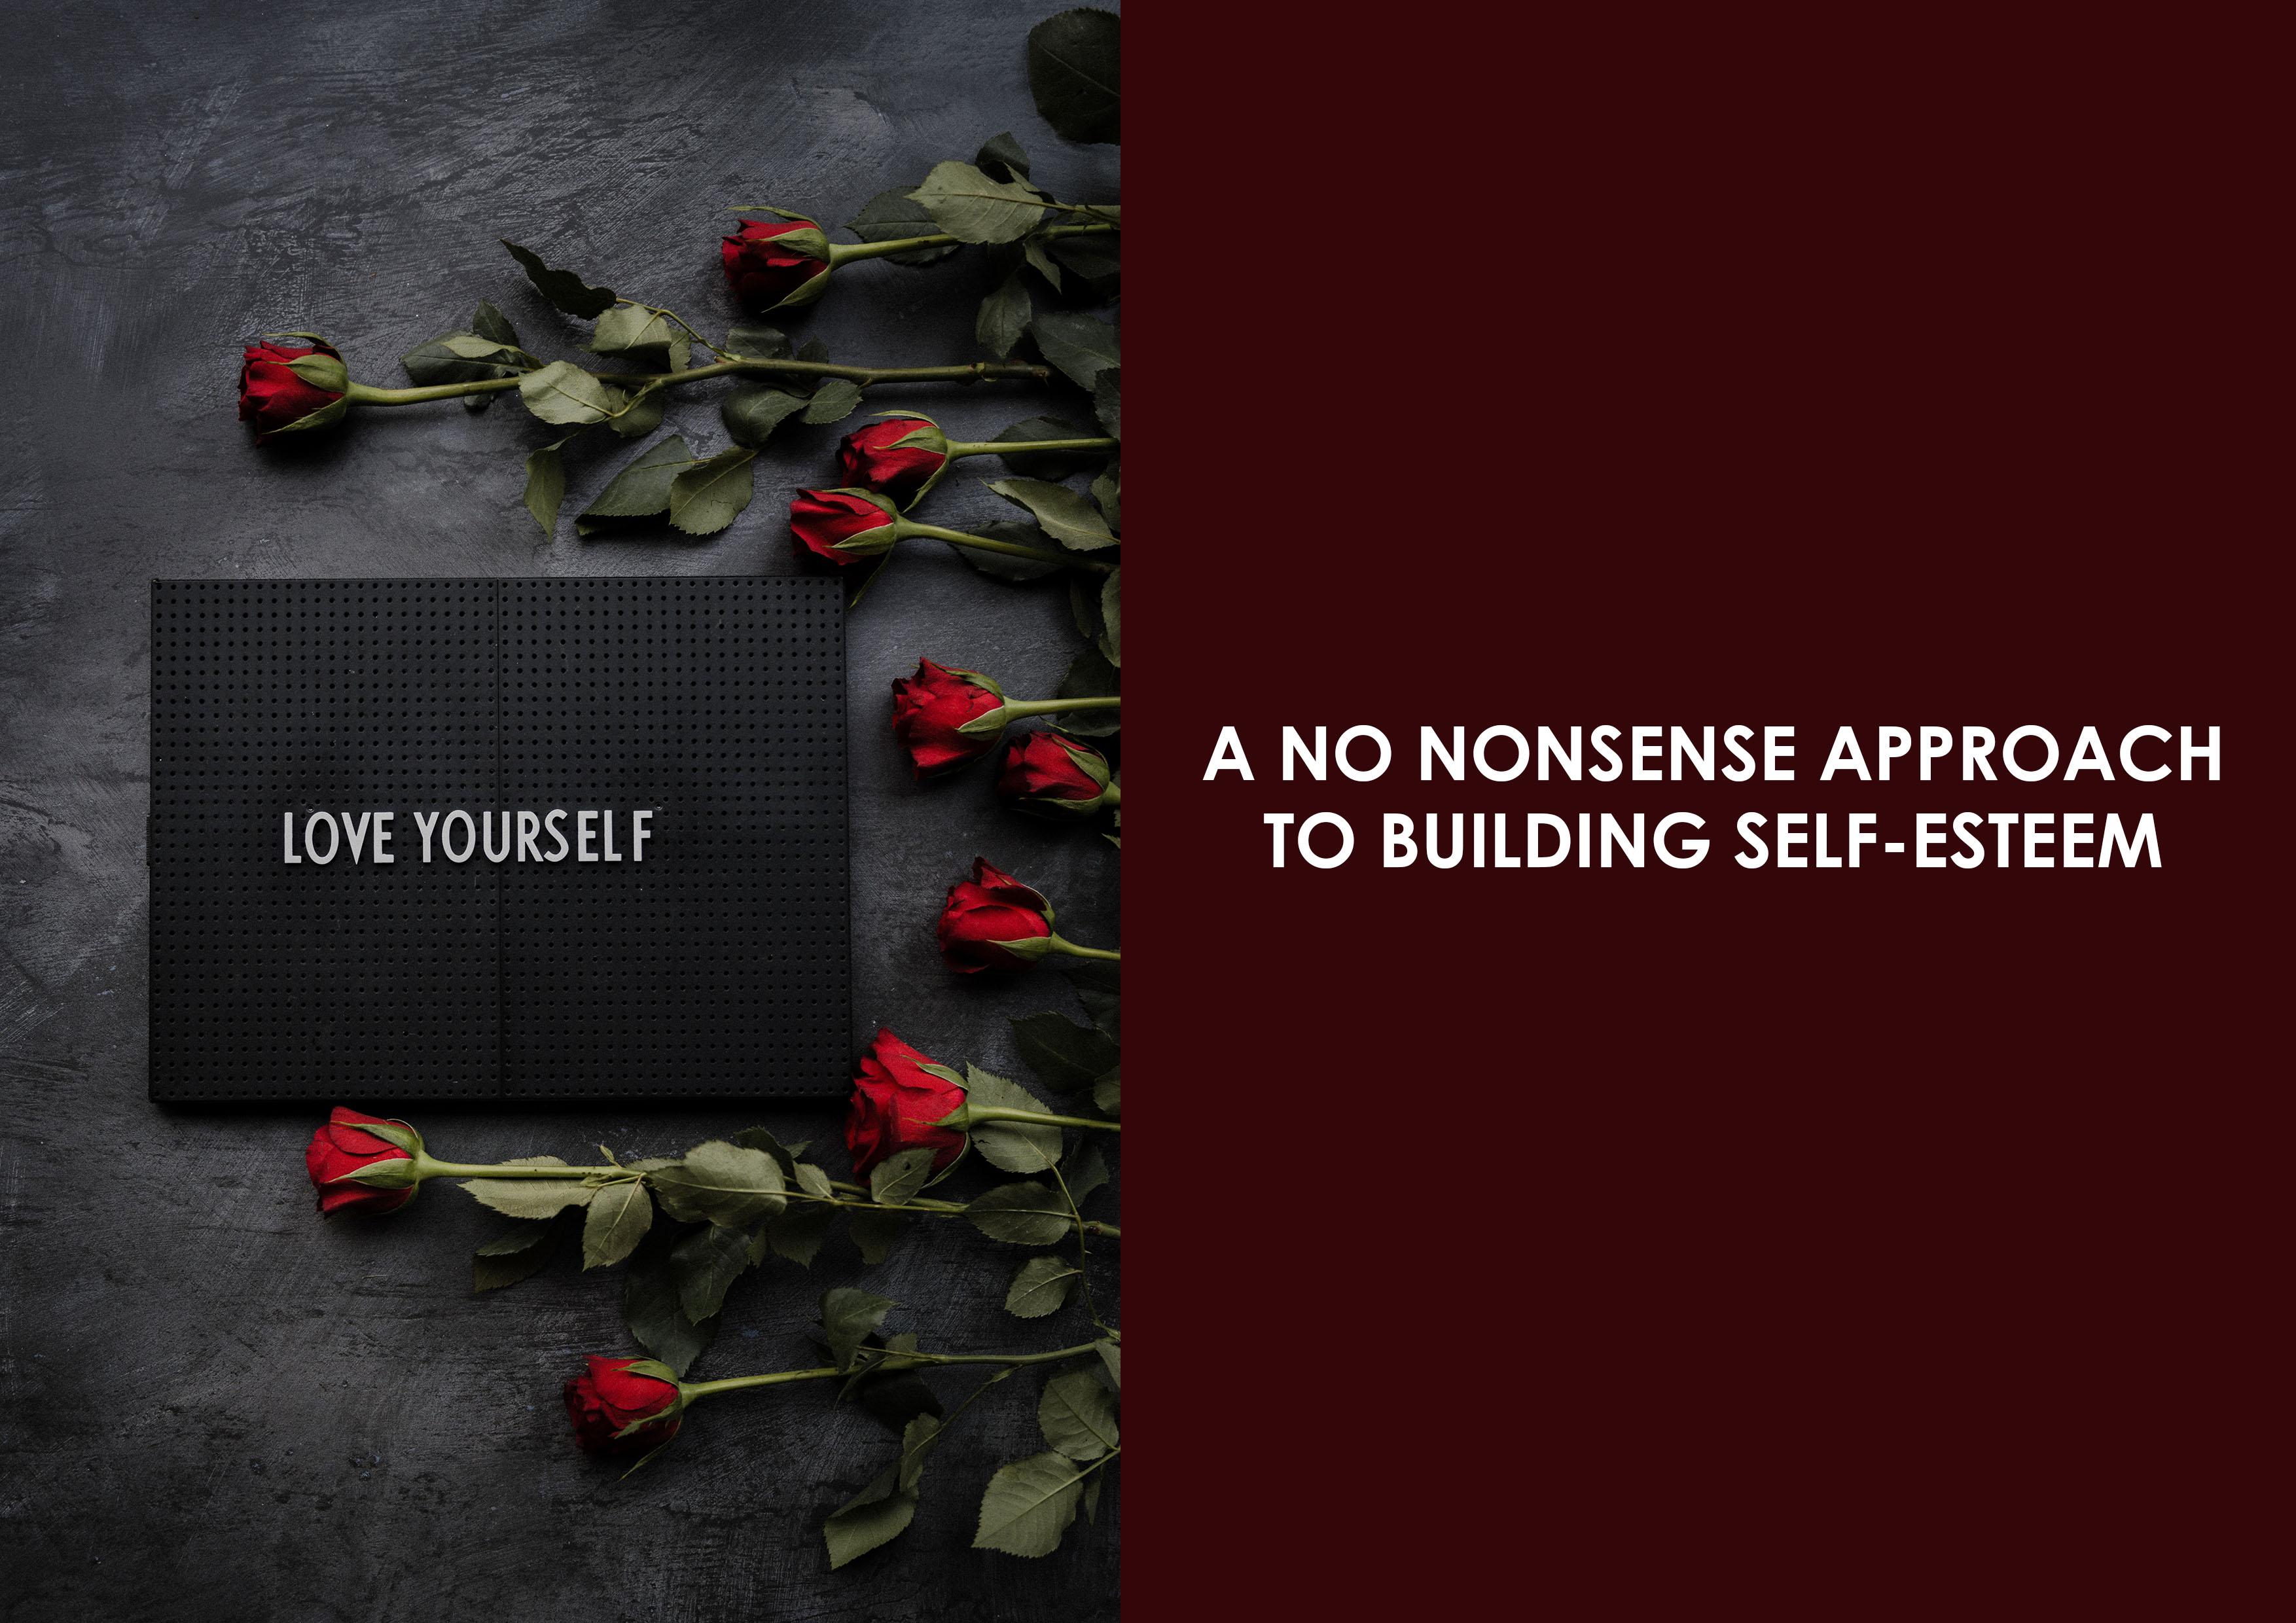 A No Nonsense Approach to Building Self-Esteem